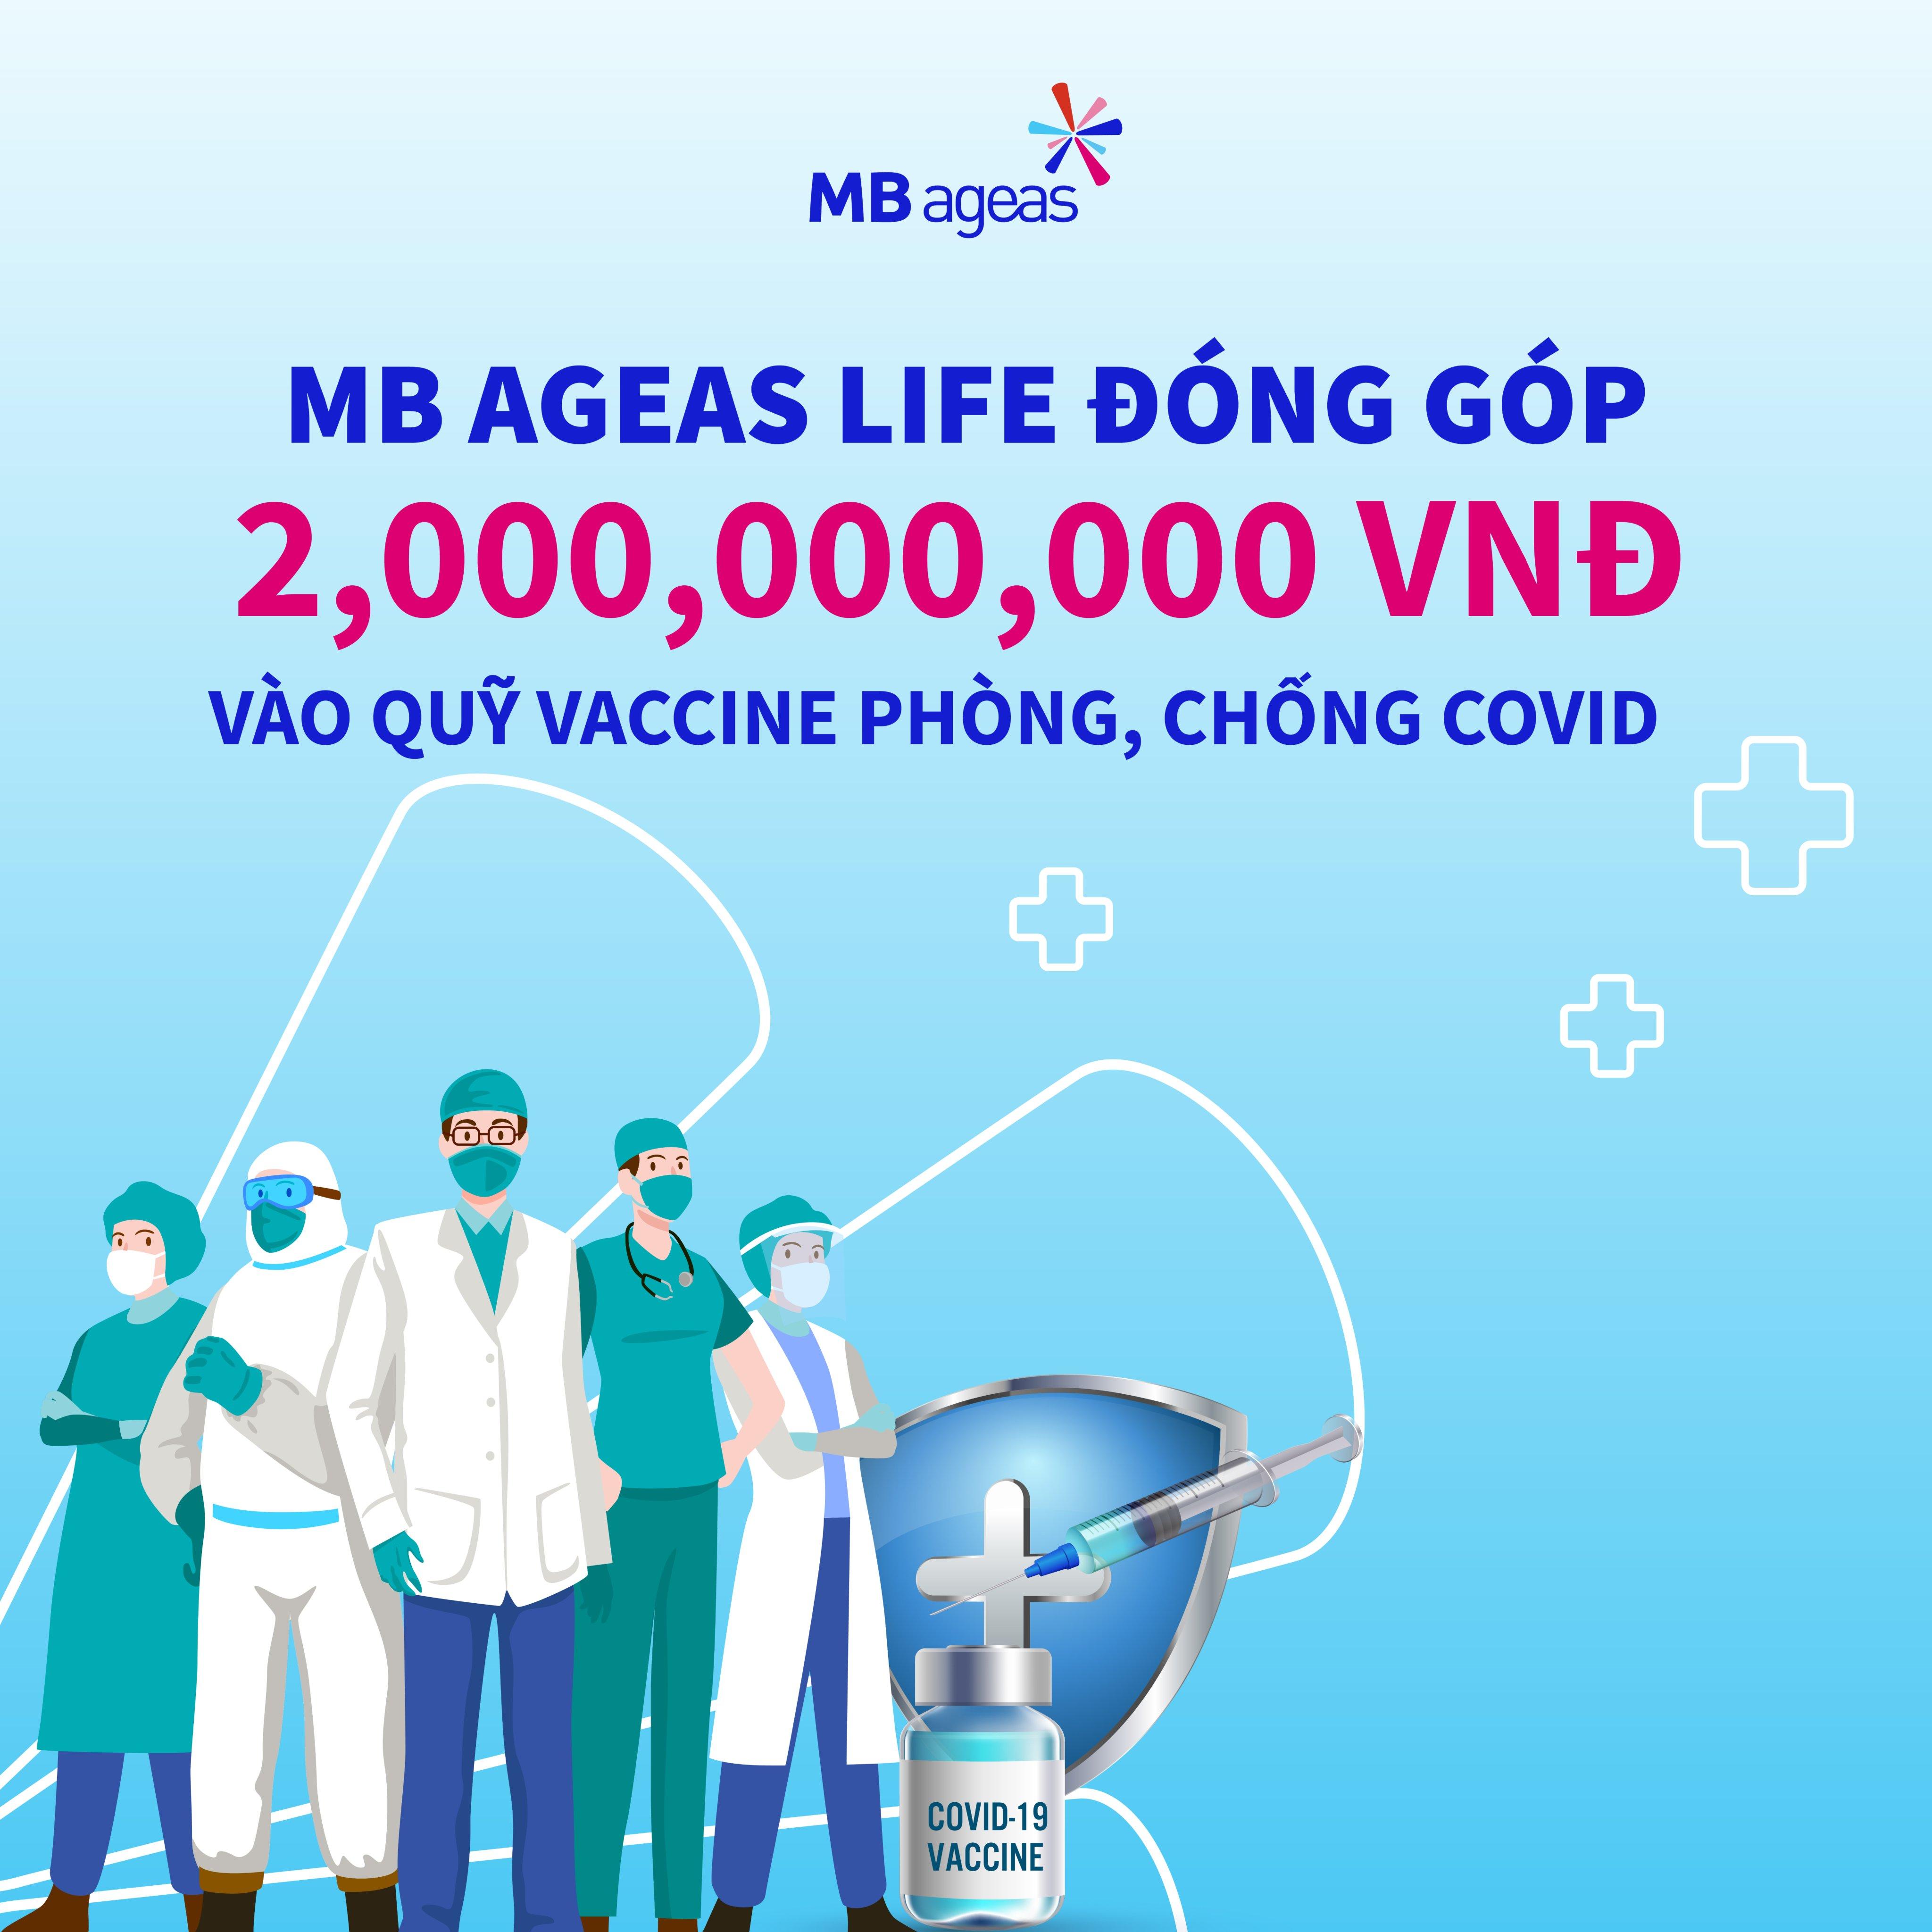 MB Ageas Life ủng hộ 2 tỷ đồng cho Quỹ vắc xin phòng, chống Covid-19.